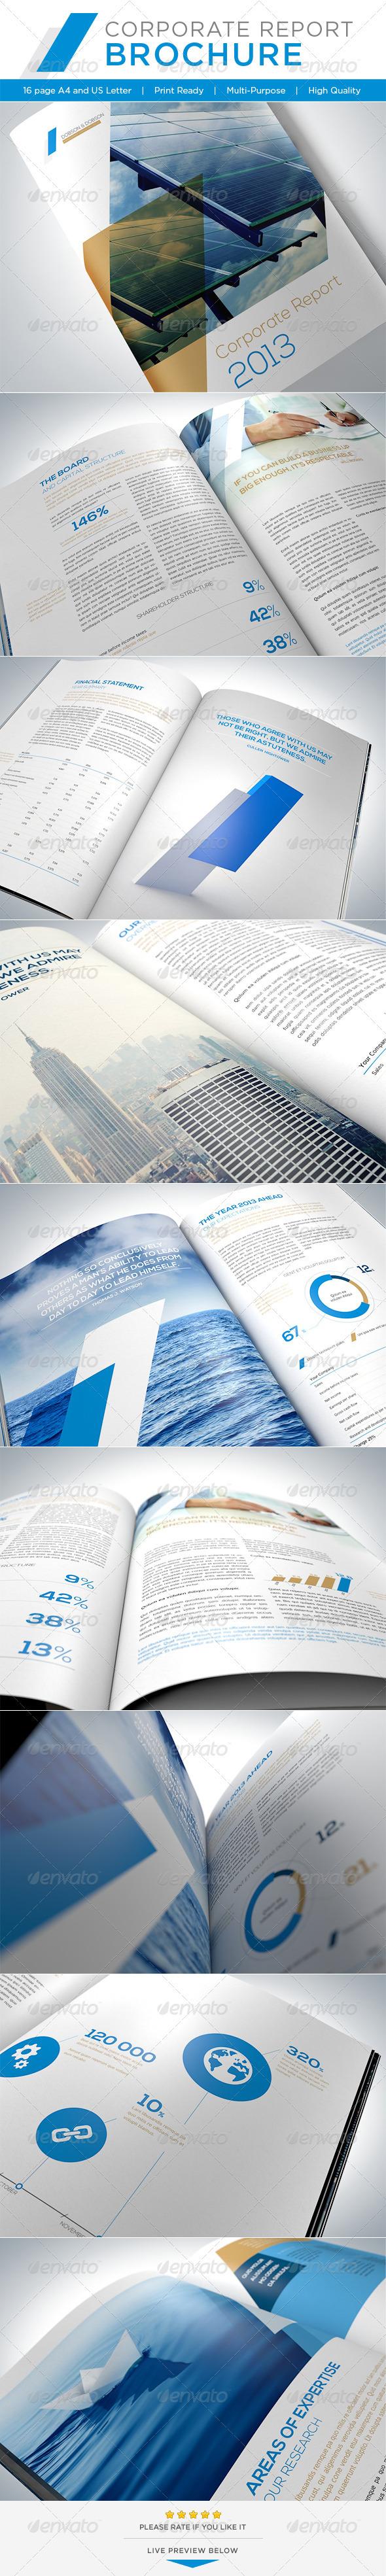 GraphicRiver Corporate Report Brochure 3394125